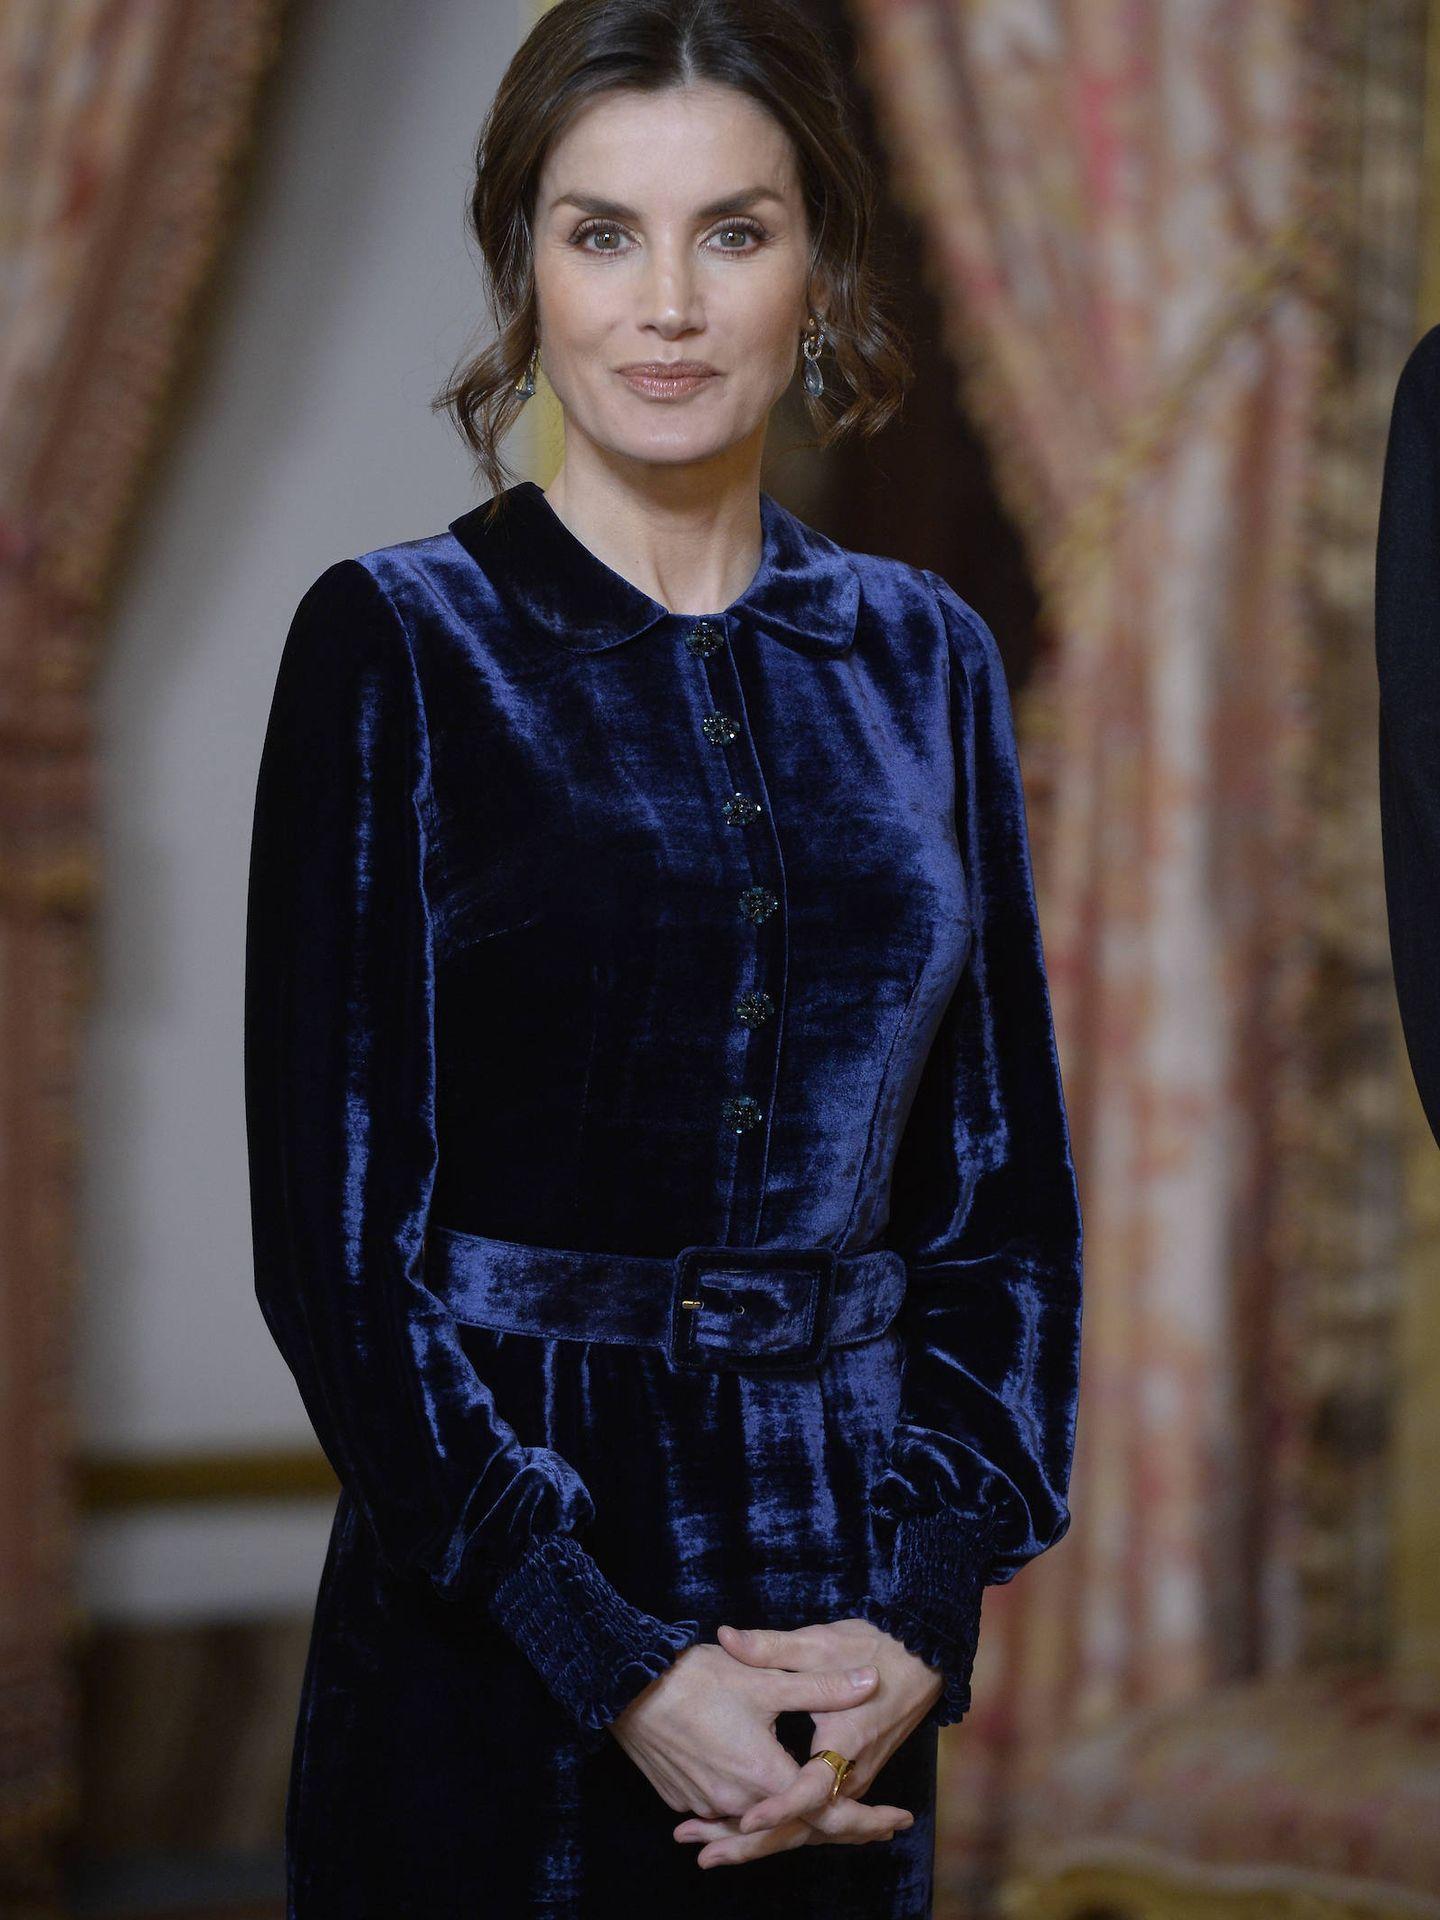 El vestido de la Reina. (Limited Pictures)